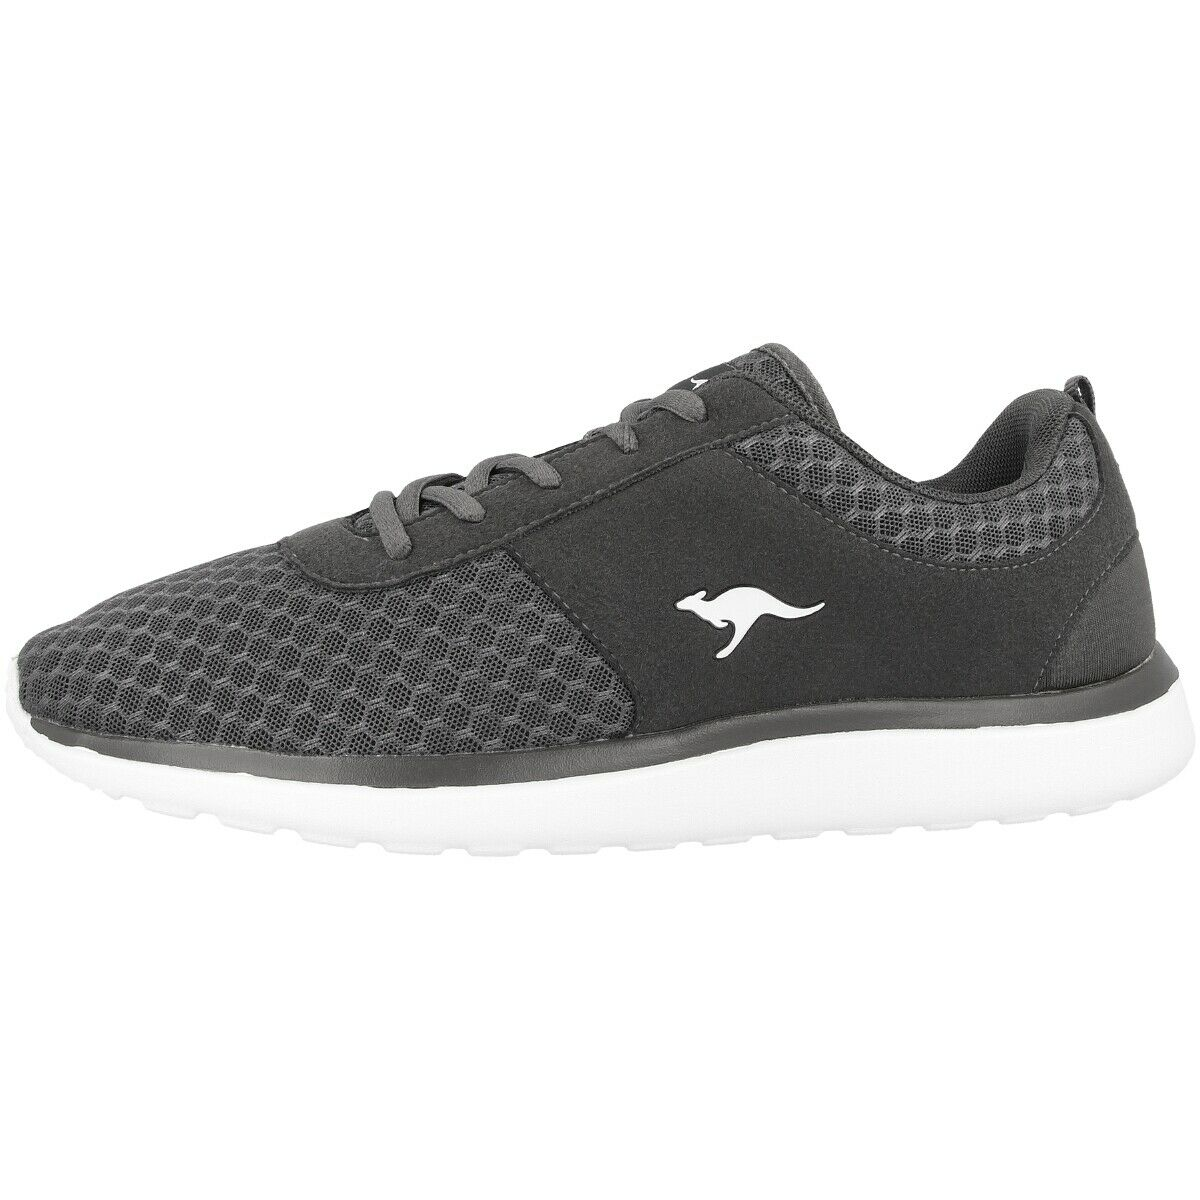 Kangaroos Bumpy shoes Women Women's Casual Trainers Grey 30511-230 30511-230 30511-230 578afb